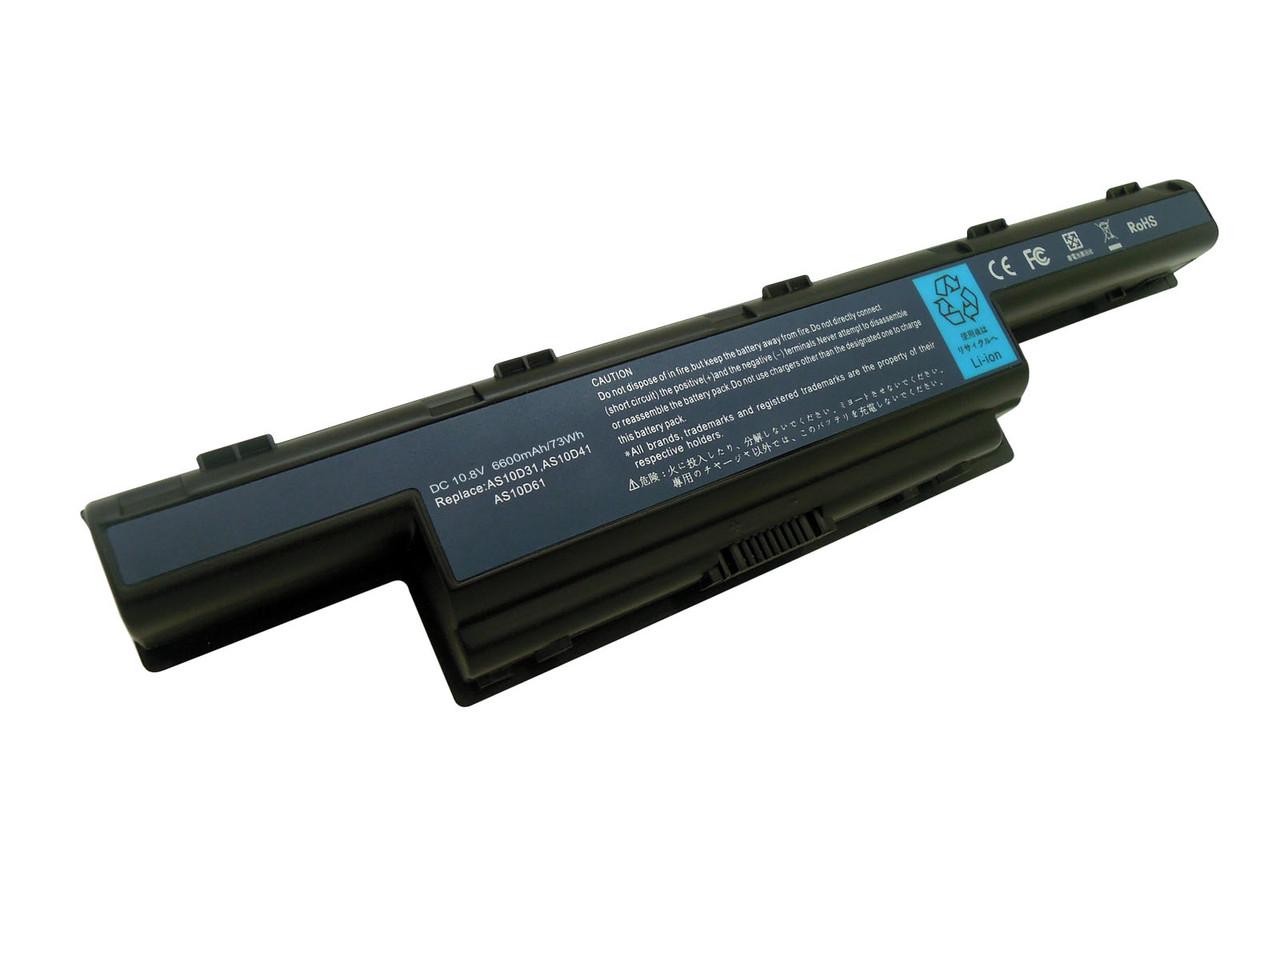 Аккумулятор для ноутбука ACER Aspire 5733Z-P614G50Mikk